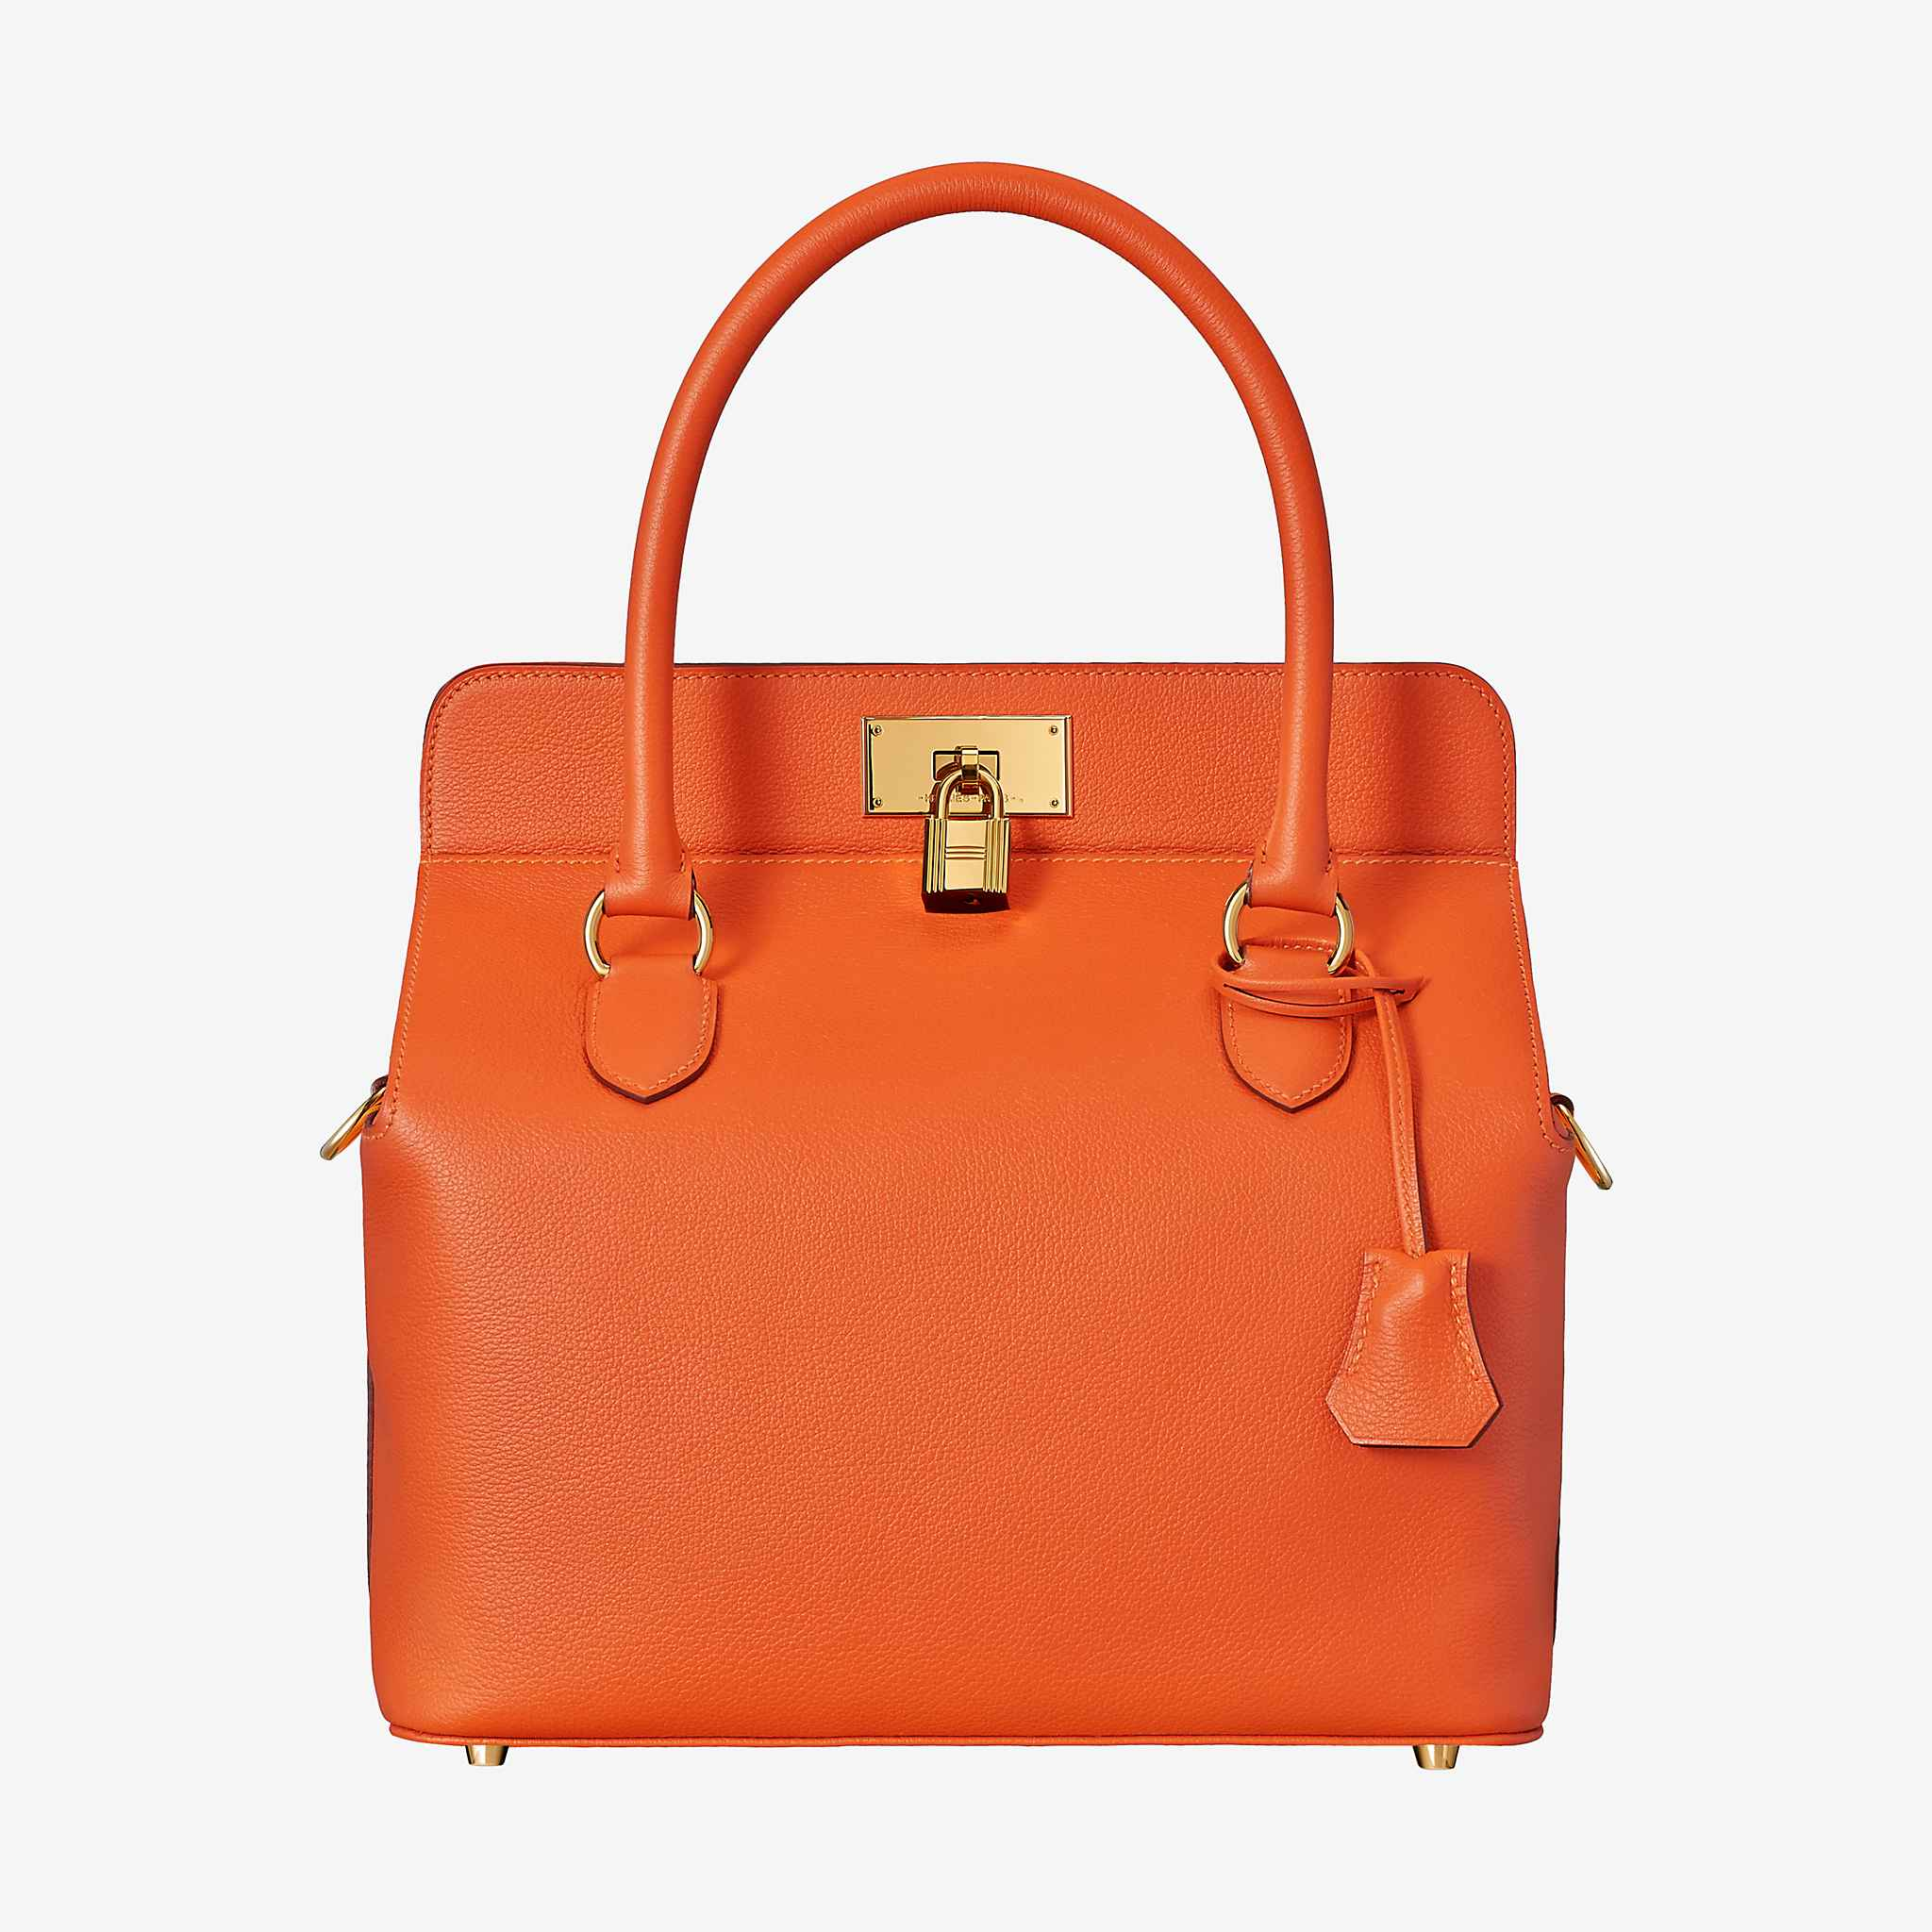 toolbox26-bag-medium-model--064478CC9J-front-1-300-0-2048-2048-q40